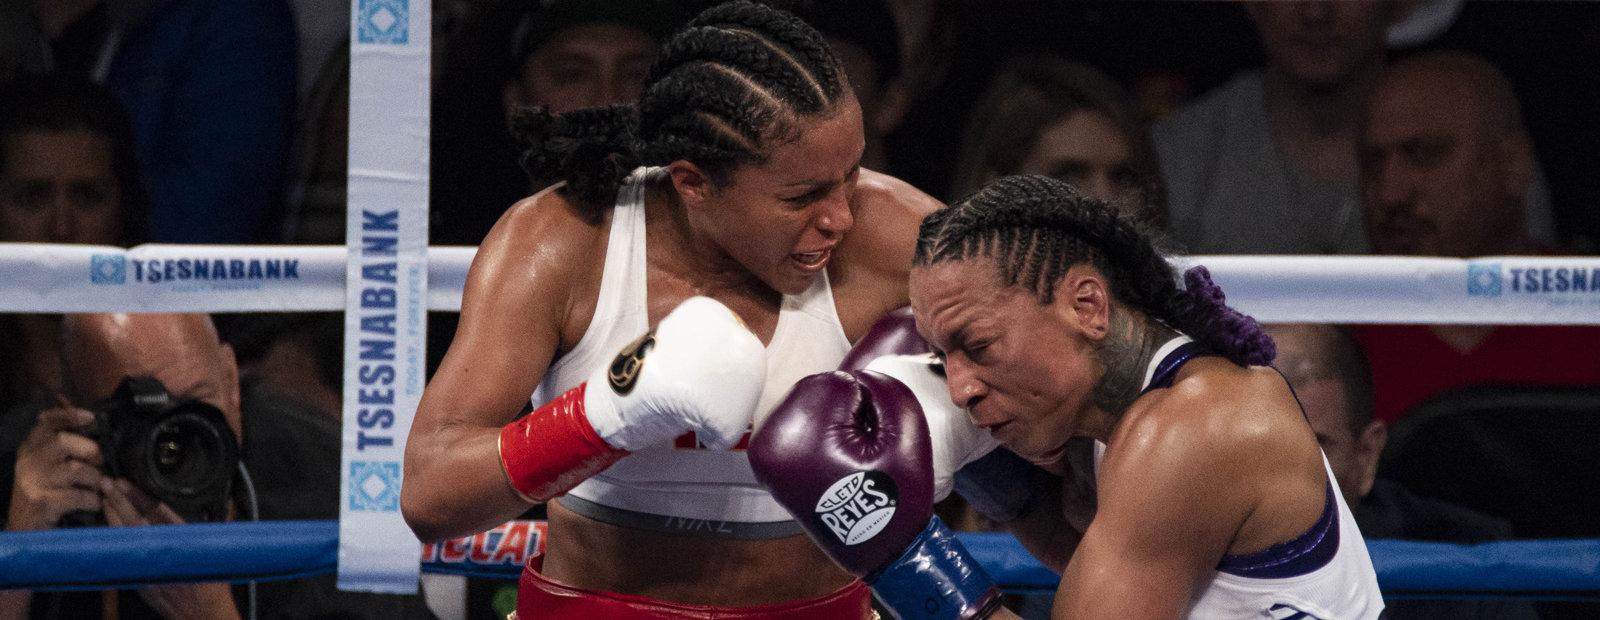 To kvinner i boksekamp.